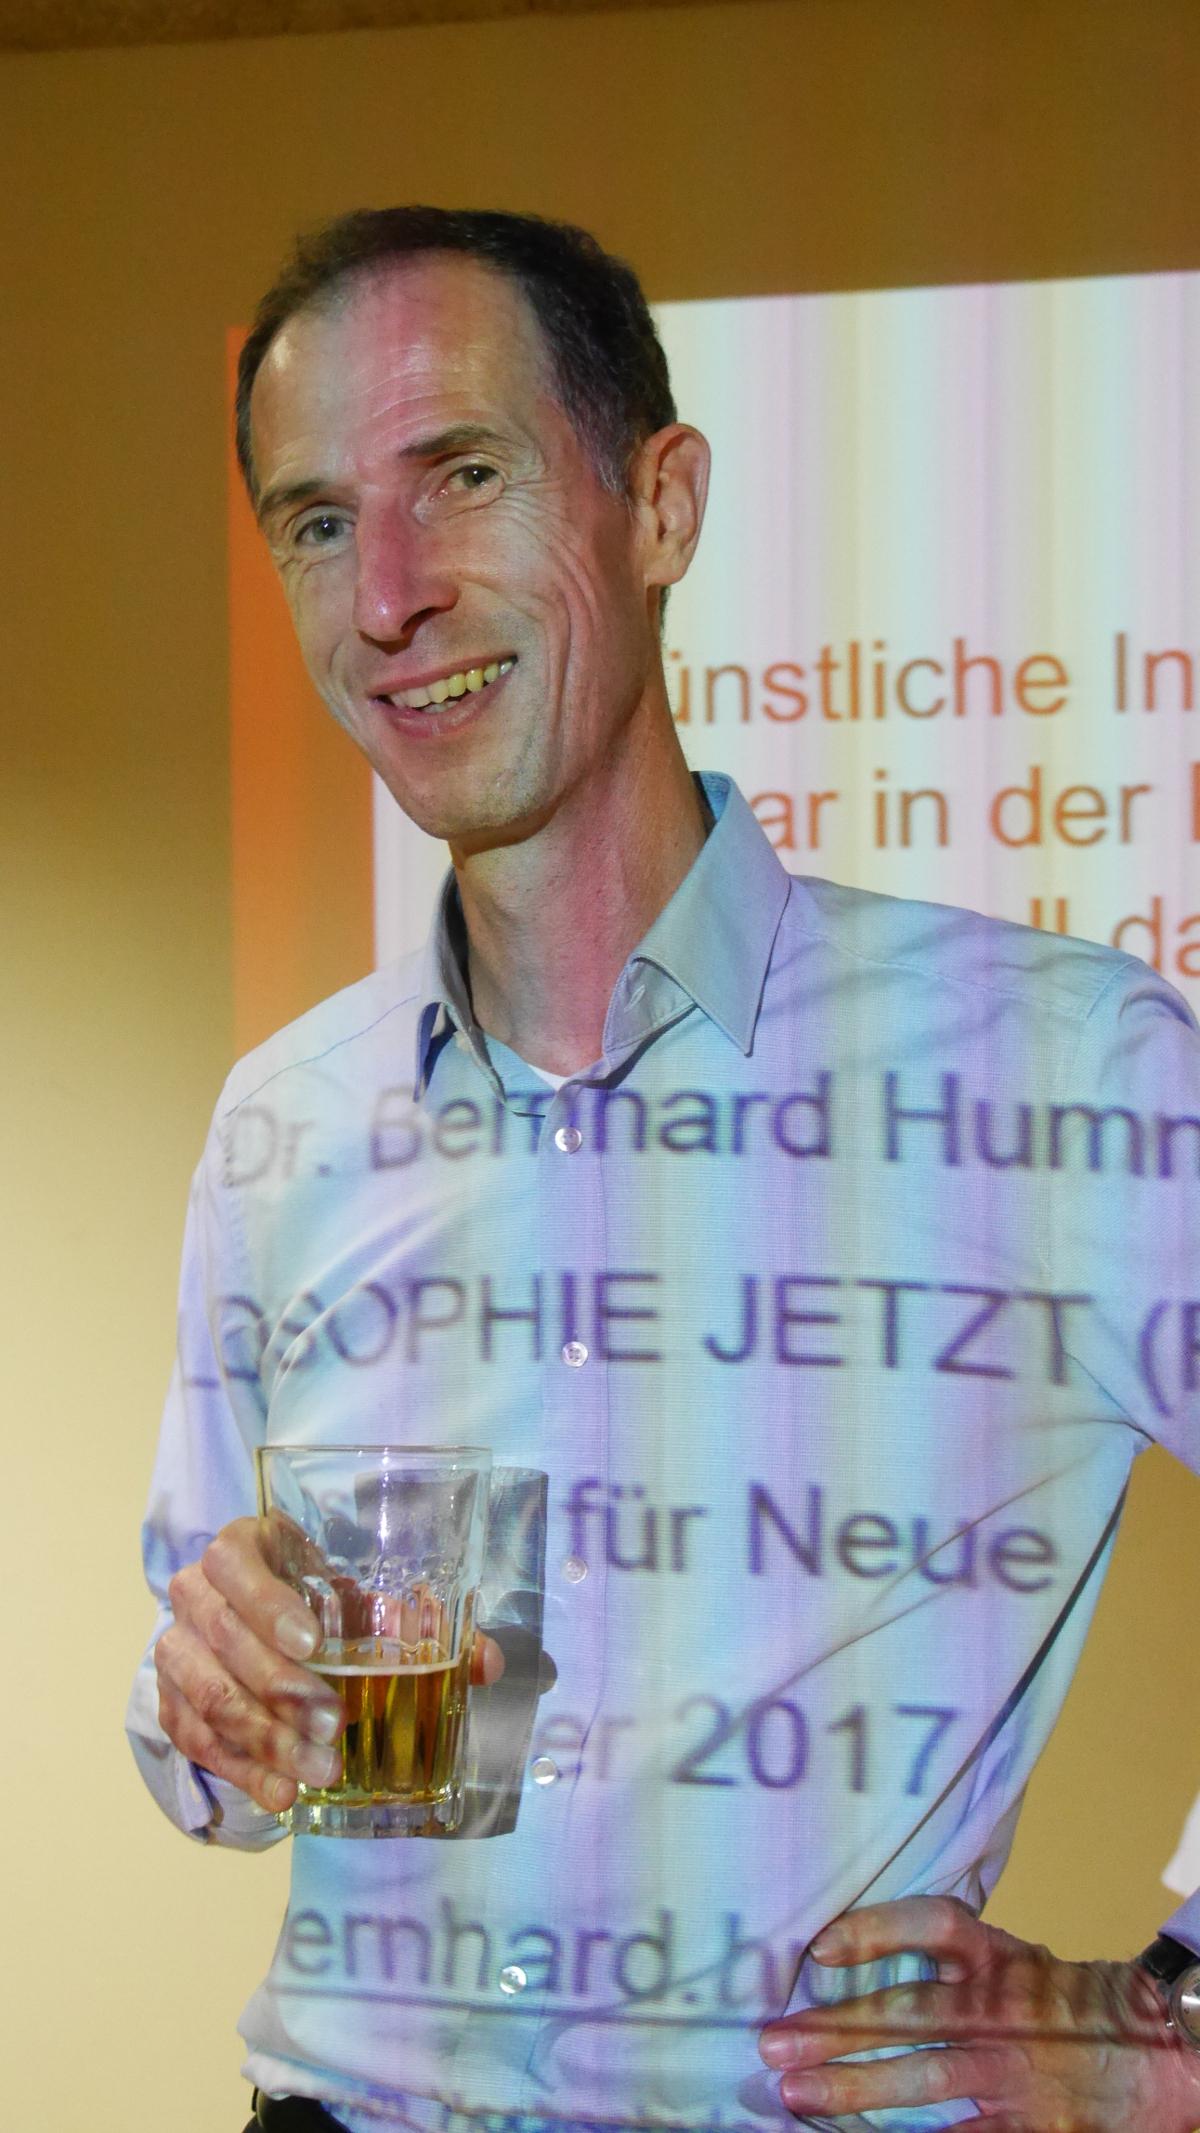 Bernhard Humm, während der Pause, eingetaucht in virtuelle Beschriftung